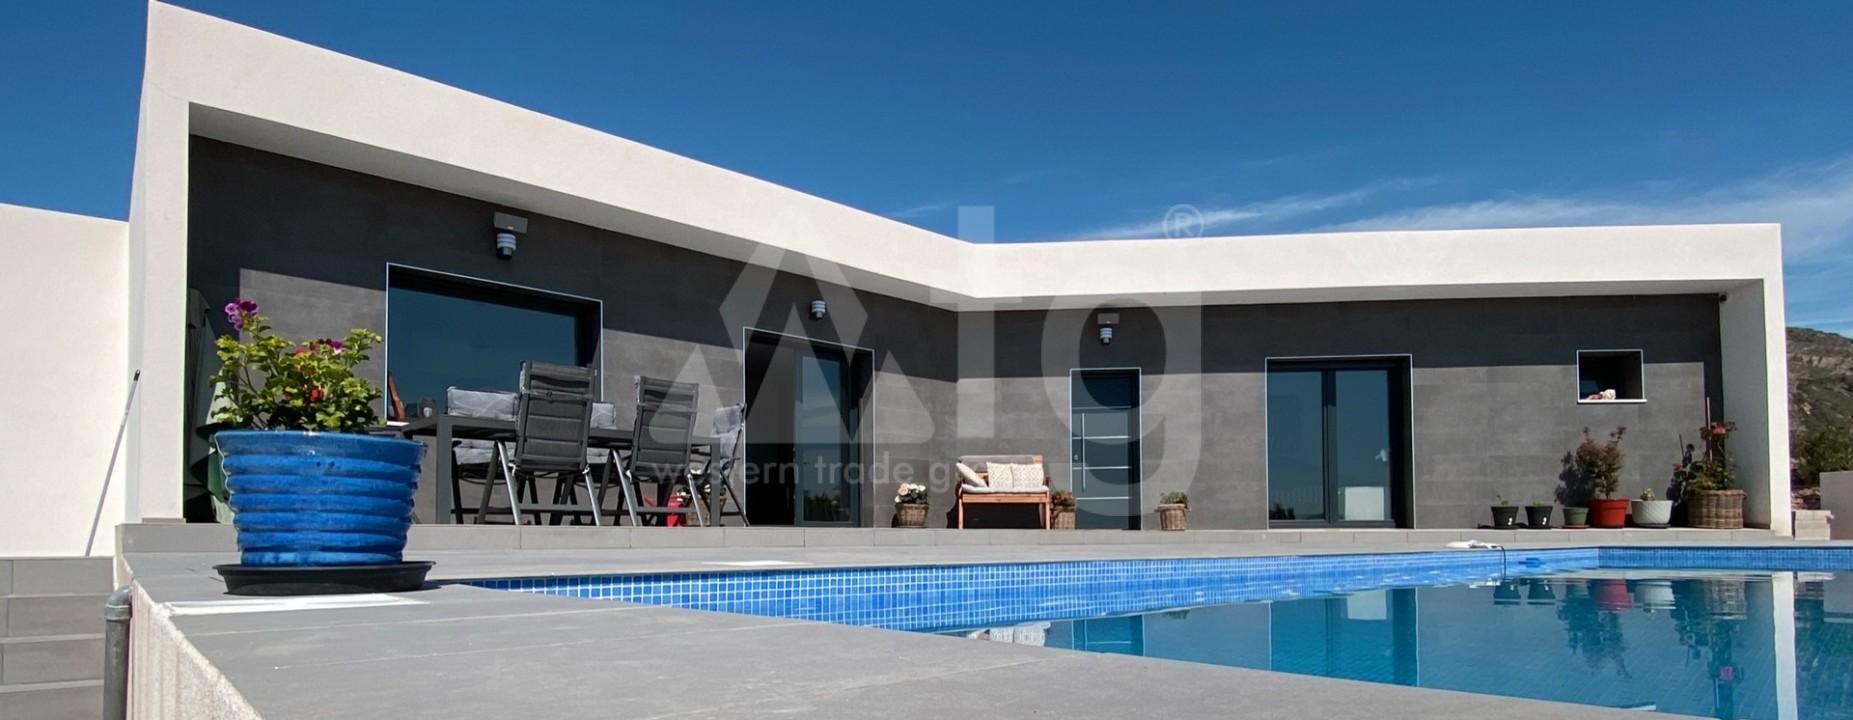 3 bedroom Villa in Dehesa de Campoamor  - AGI115630 - 25